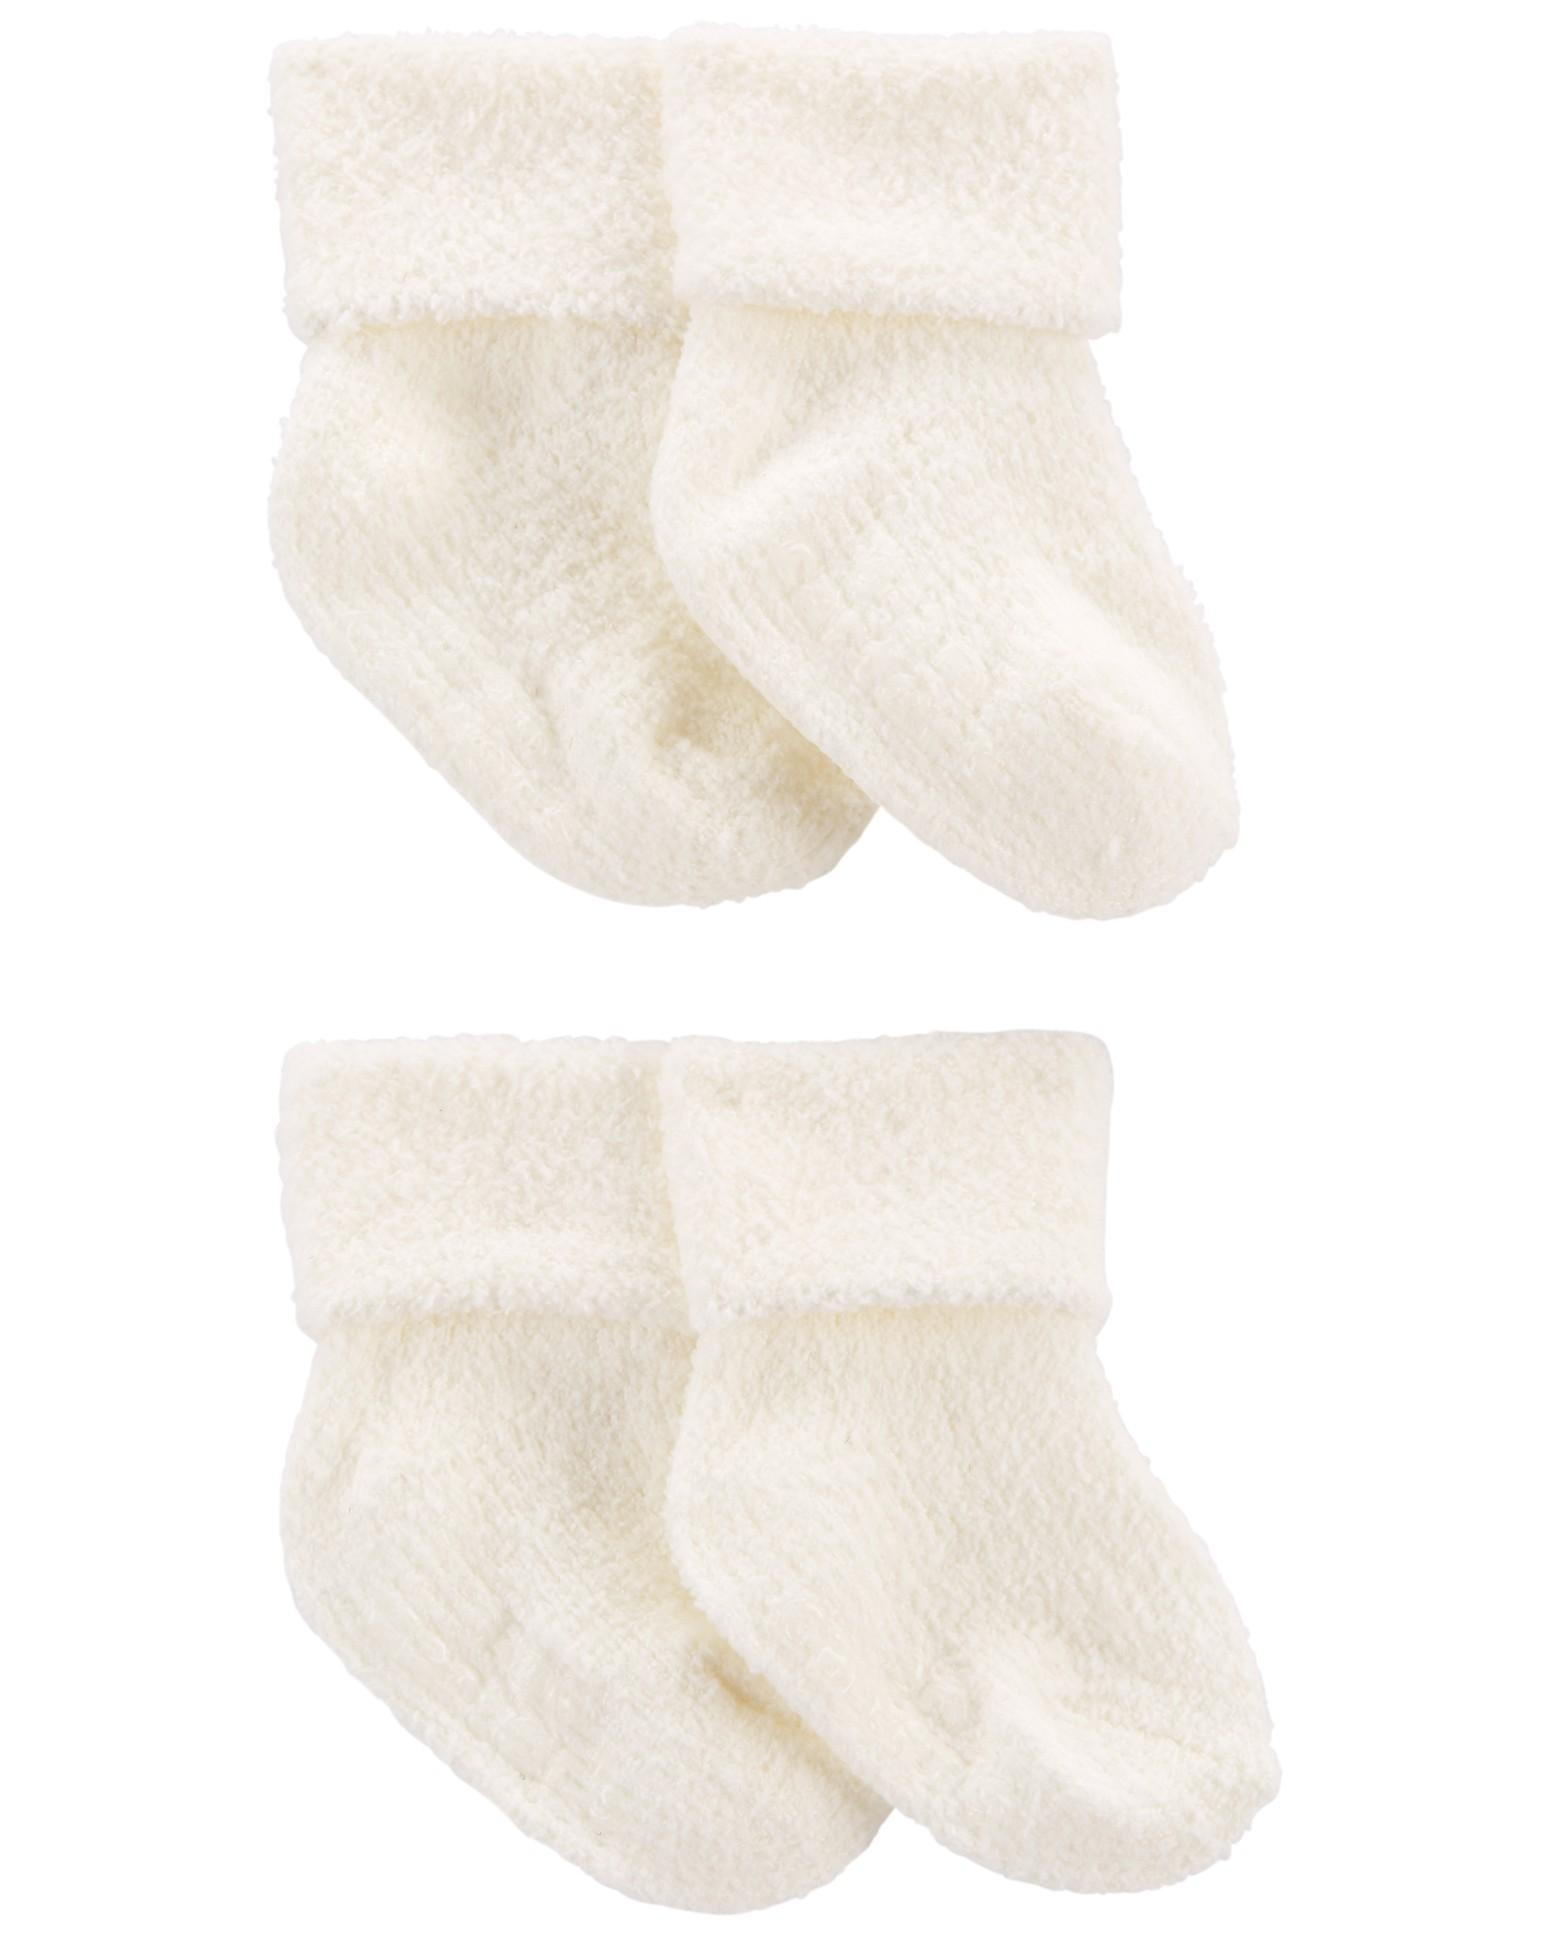 CARTER'S Ponožky White neutrál LBB 4ks 0-3m